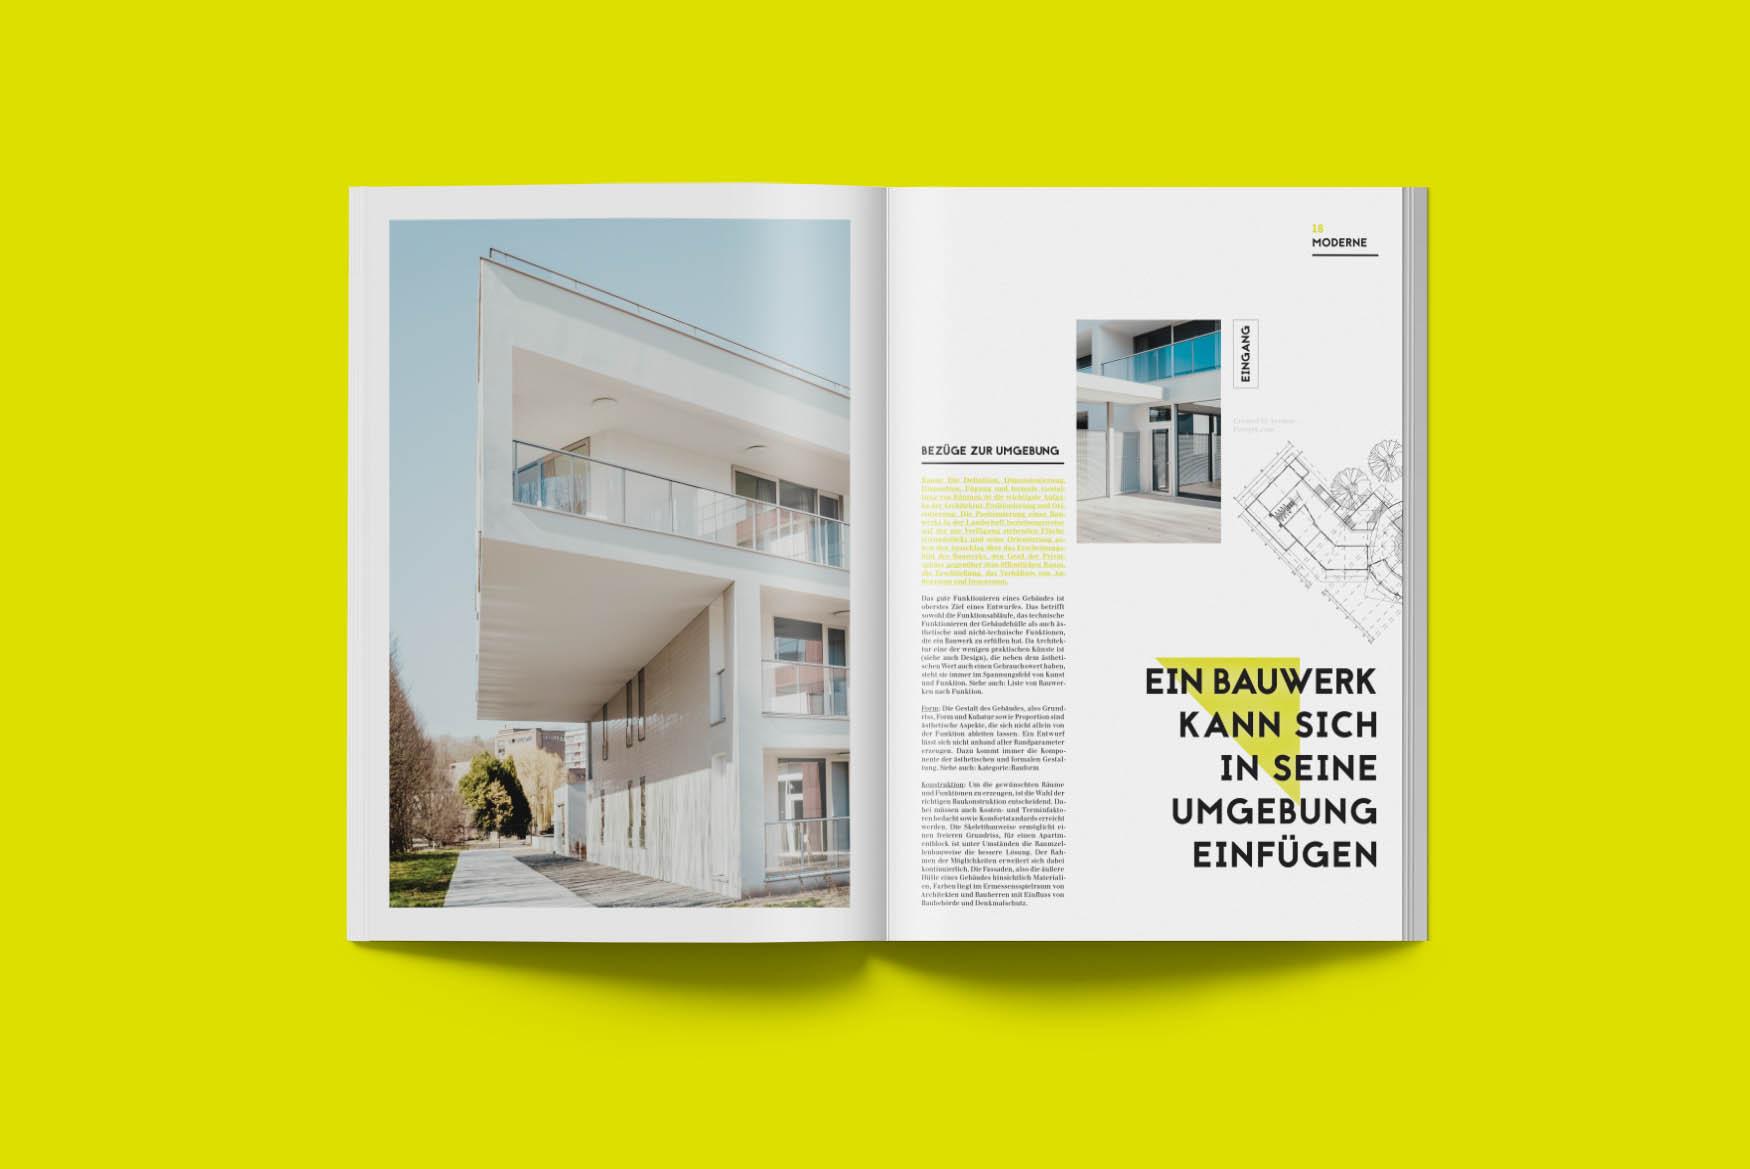 Editorial-Design-Broschuere-Architektur-4-Designagentur-Stuttgart-Kreativbetrieb